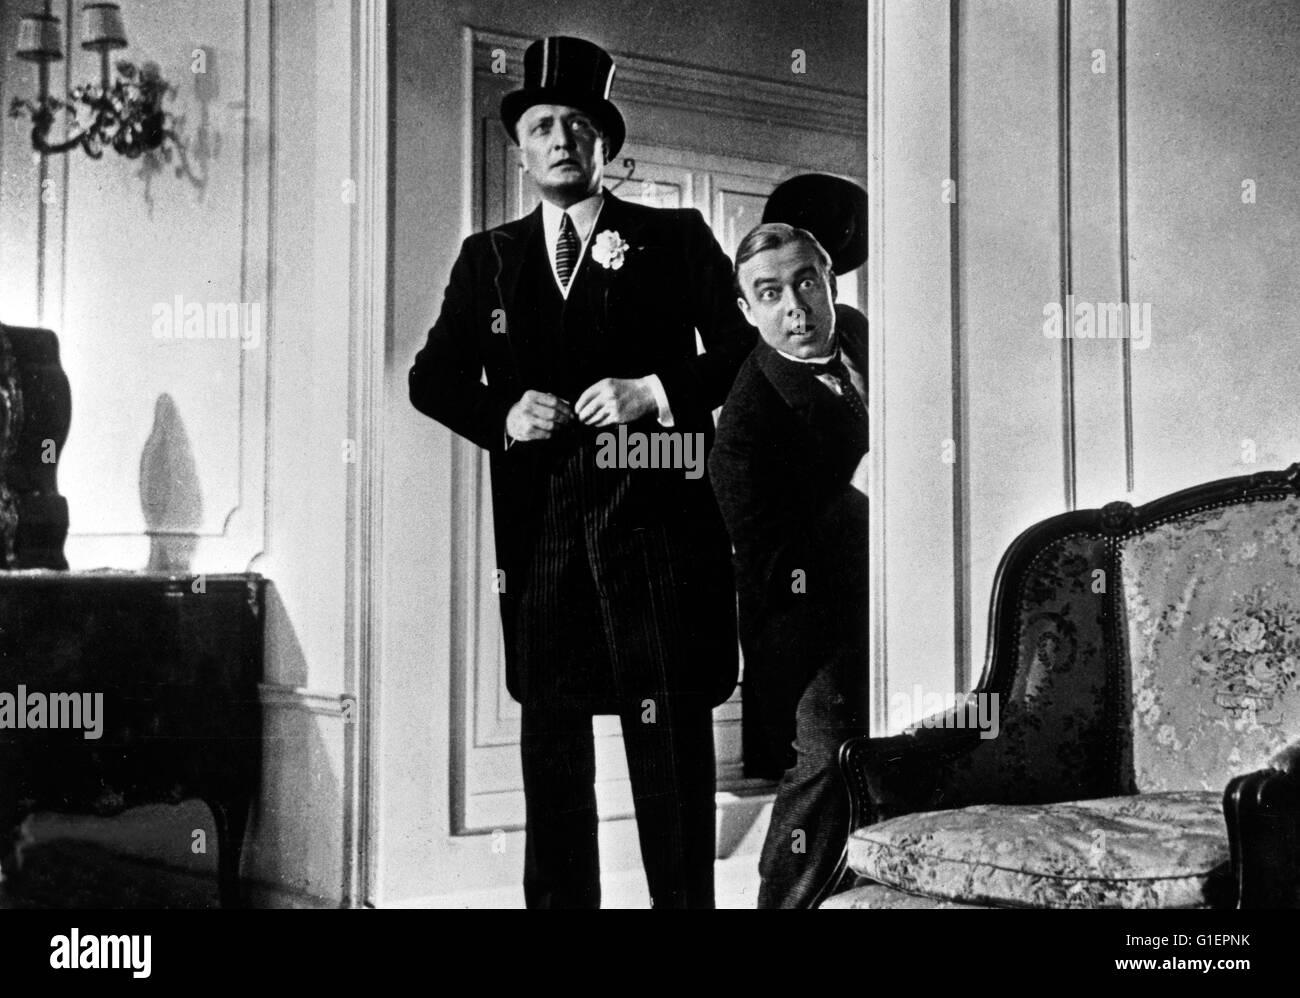 Der Mann, der Sherlock Holmes war, Deutschland 1937, Regie: Karl Hartl, Darsteller: Hans Albers (links), Heinz Rühmann - Stock Image